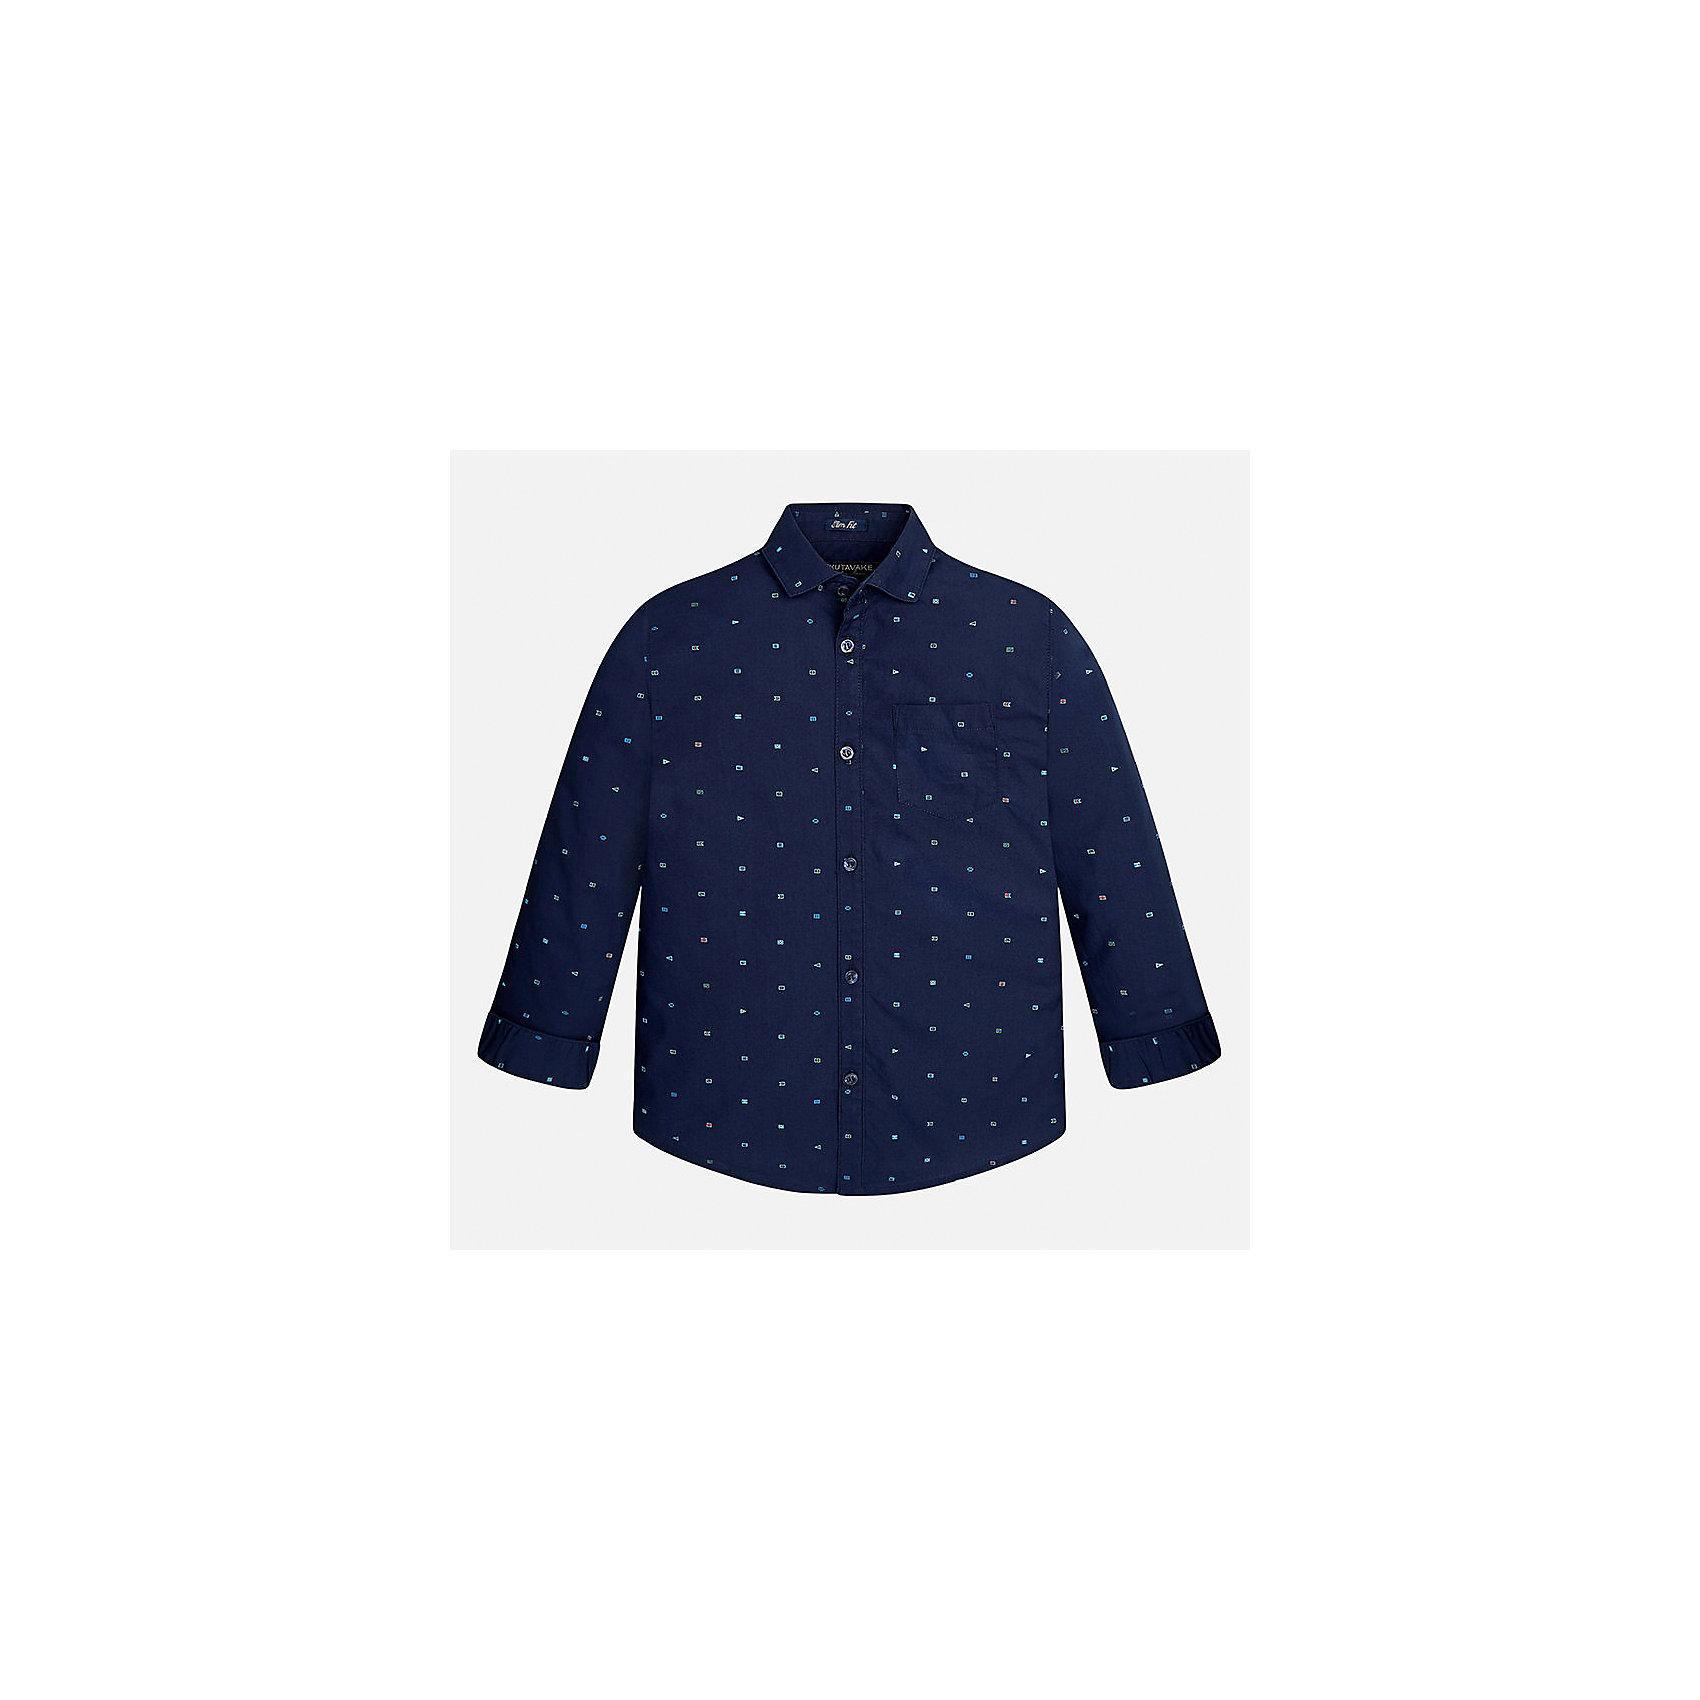 Рубашка Mayoral для мальчикаБлузки и рубашки<br>Характеристики товара:<br><br>• цвет: синий<br>• состав ткани: 100% хлопок<br>• сезон: демисезон<br>• особенности модели: школьная<br>• застежка: пуговицы<br>• длинные рукава<br>• страна бренда: Испания<br>• страна изготовитель: Индия<br><br>Такая рубашка с длинным рукавом для мальчика Mayoral удобно сидит по фигуре. Стильная детская рубашка сделана из натуральной хлопковой ткани. Отличный способ обеспечить ребенку комфорт и аккуратный внешний вид - надеть детскую рубашку от Mayoral. Детская рубашка с длинным рукавом сшита из приятного на ощупь материала. <br><br>Рубашку для мальчика Mayoral (Майорал) можно купить в нашем интернет-магазине.<br><br>Ширина мм: 174<br>Глубина мм: 10<br>Высота мм: 169<br>Вес г: 157<br>Цвет: синий<br>Возраст от месяцев: 168<br>Возраст до месяцев: 180<br>Пол: Мужской<br>Возраст: Детский<br>Размер: 170,128/134,140,152,158,164<br>SKU: 6933535